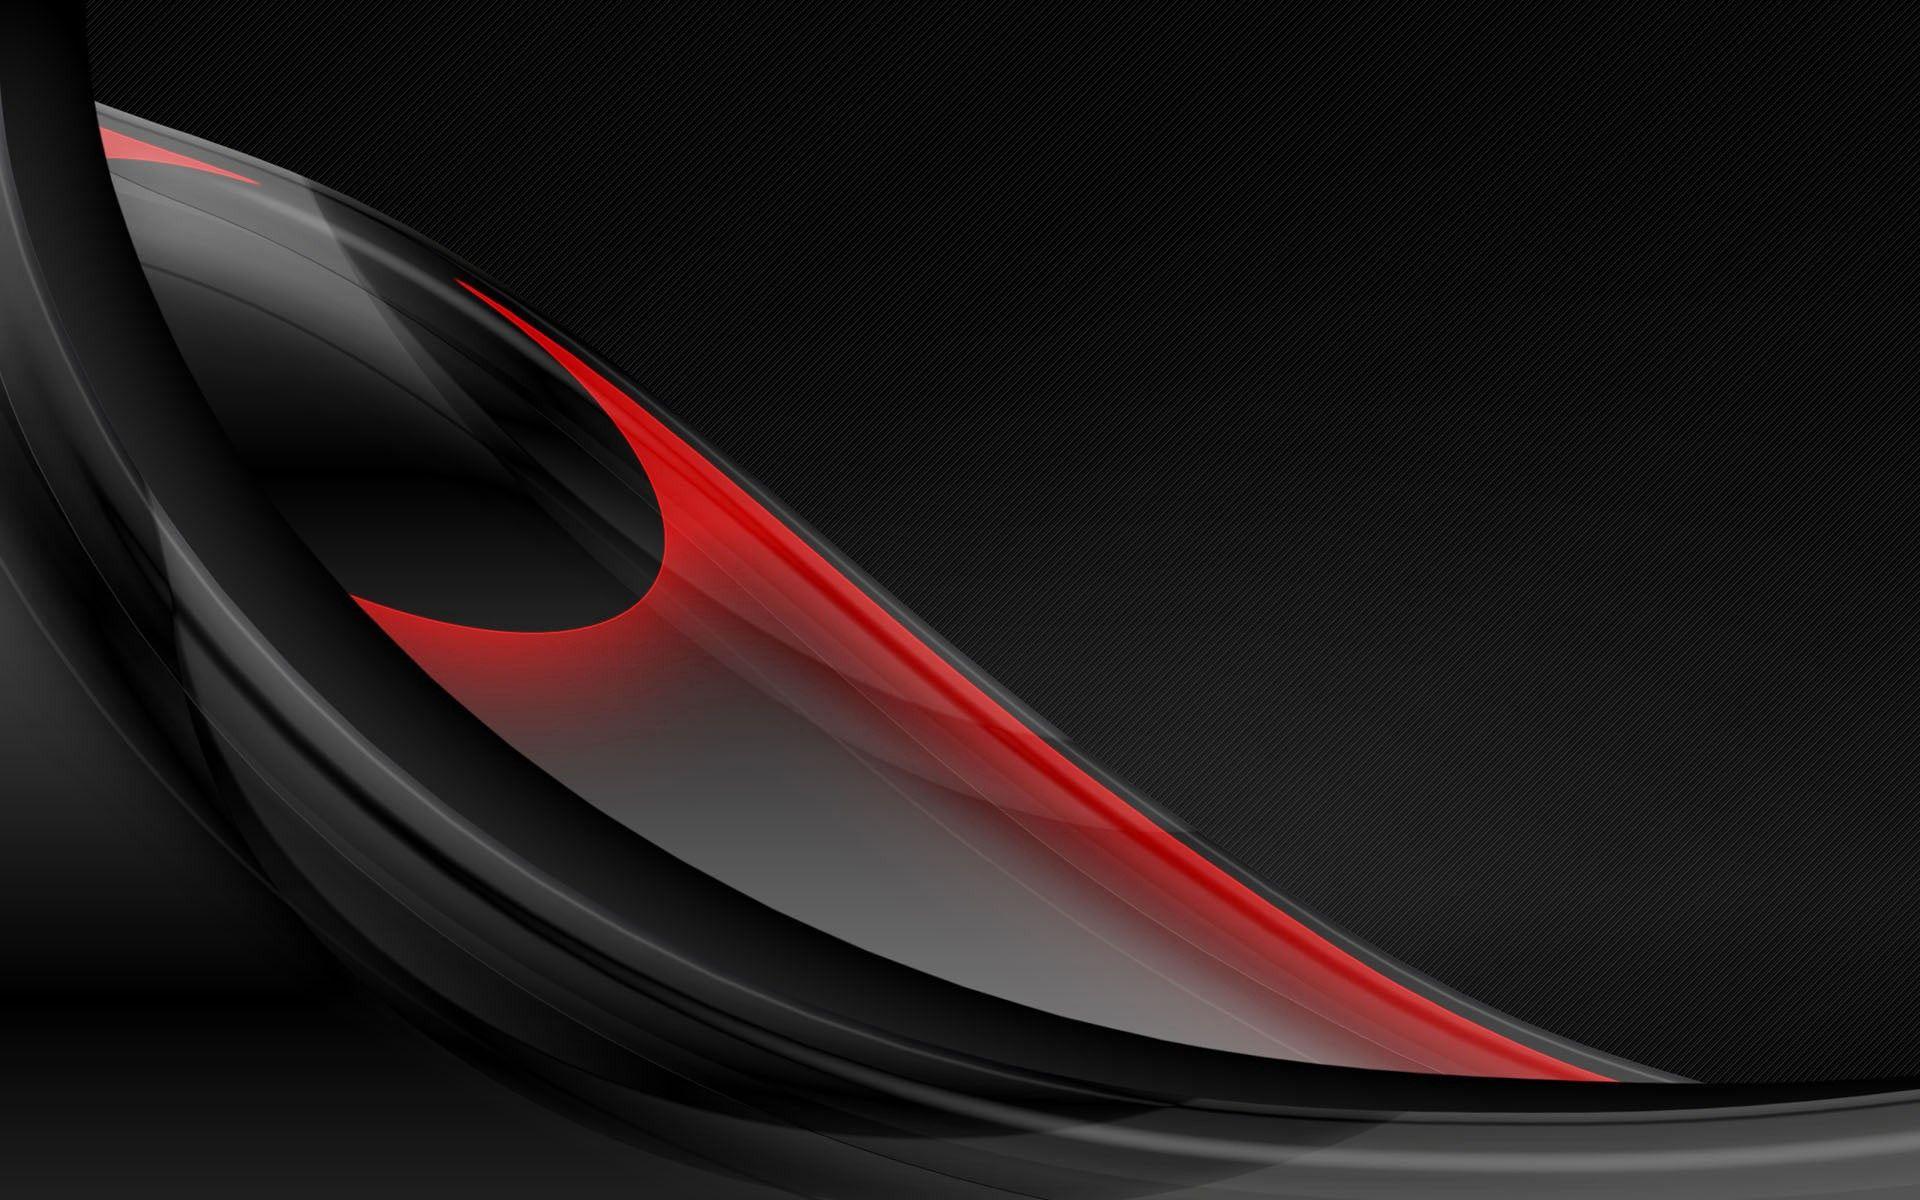 113012 скачать обои Абстракция, Форма, Шар, Черный, Красный - заставки и картинки бесплатно